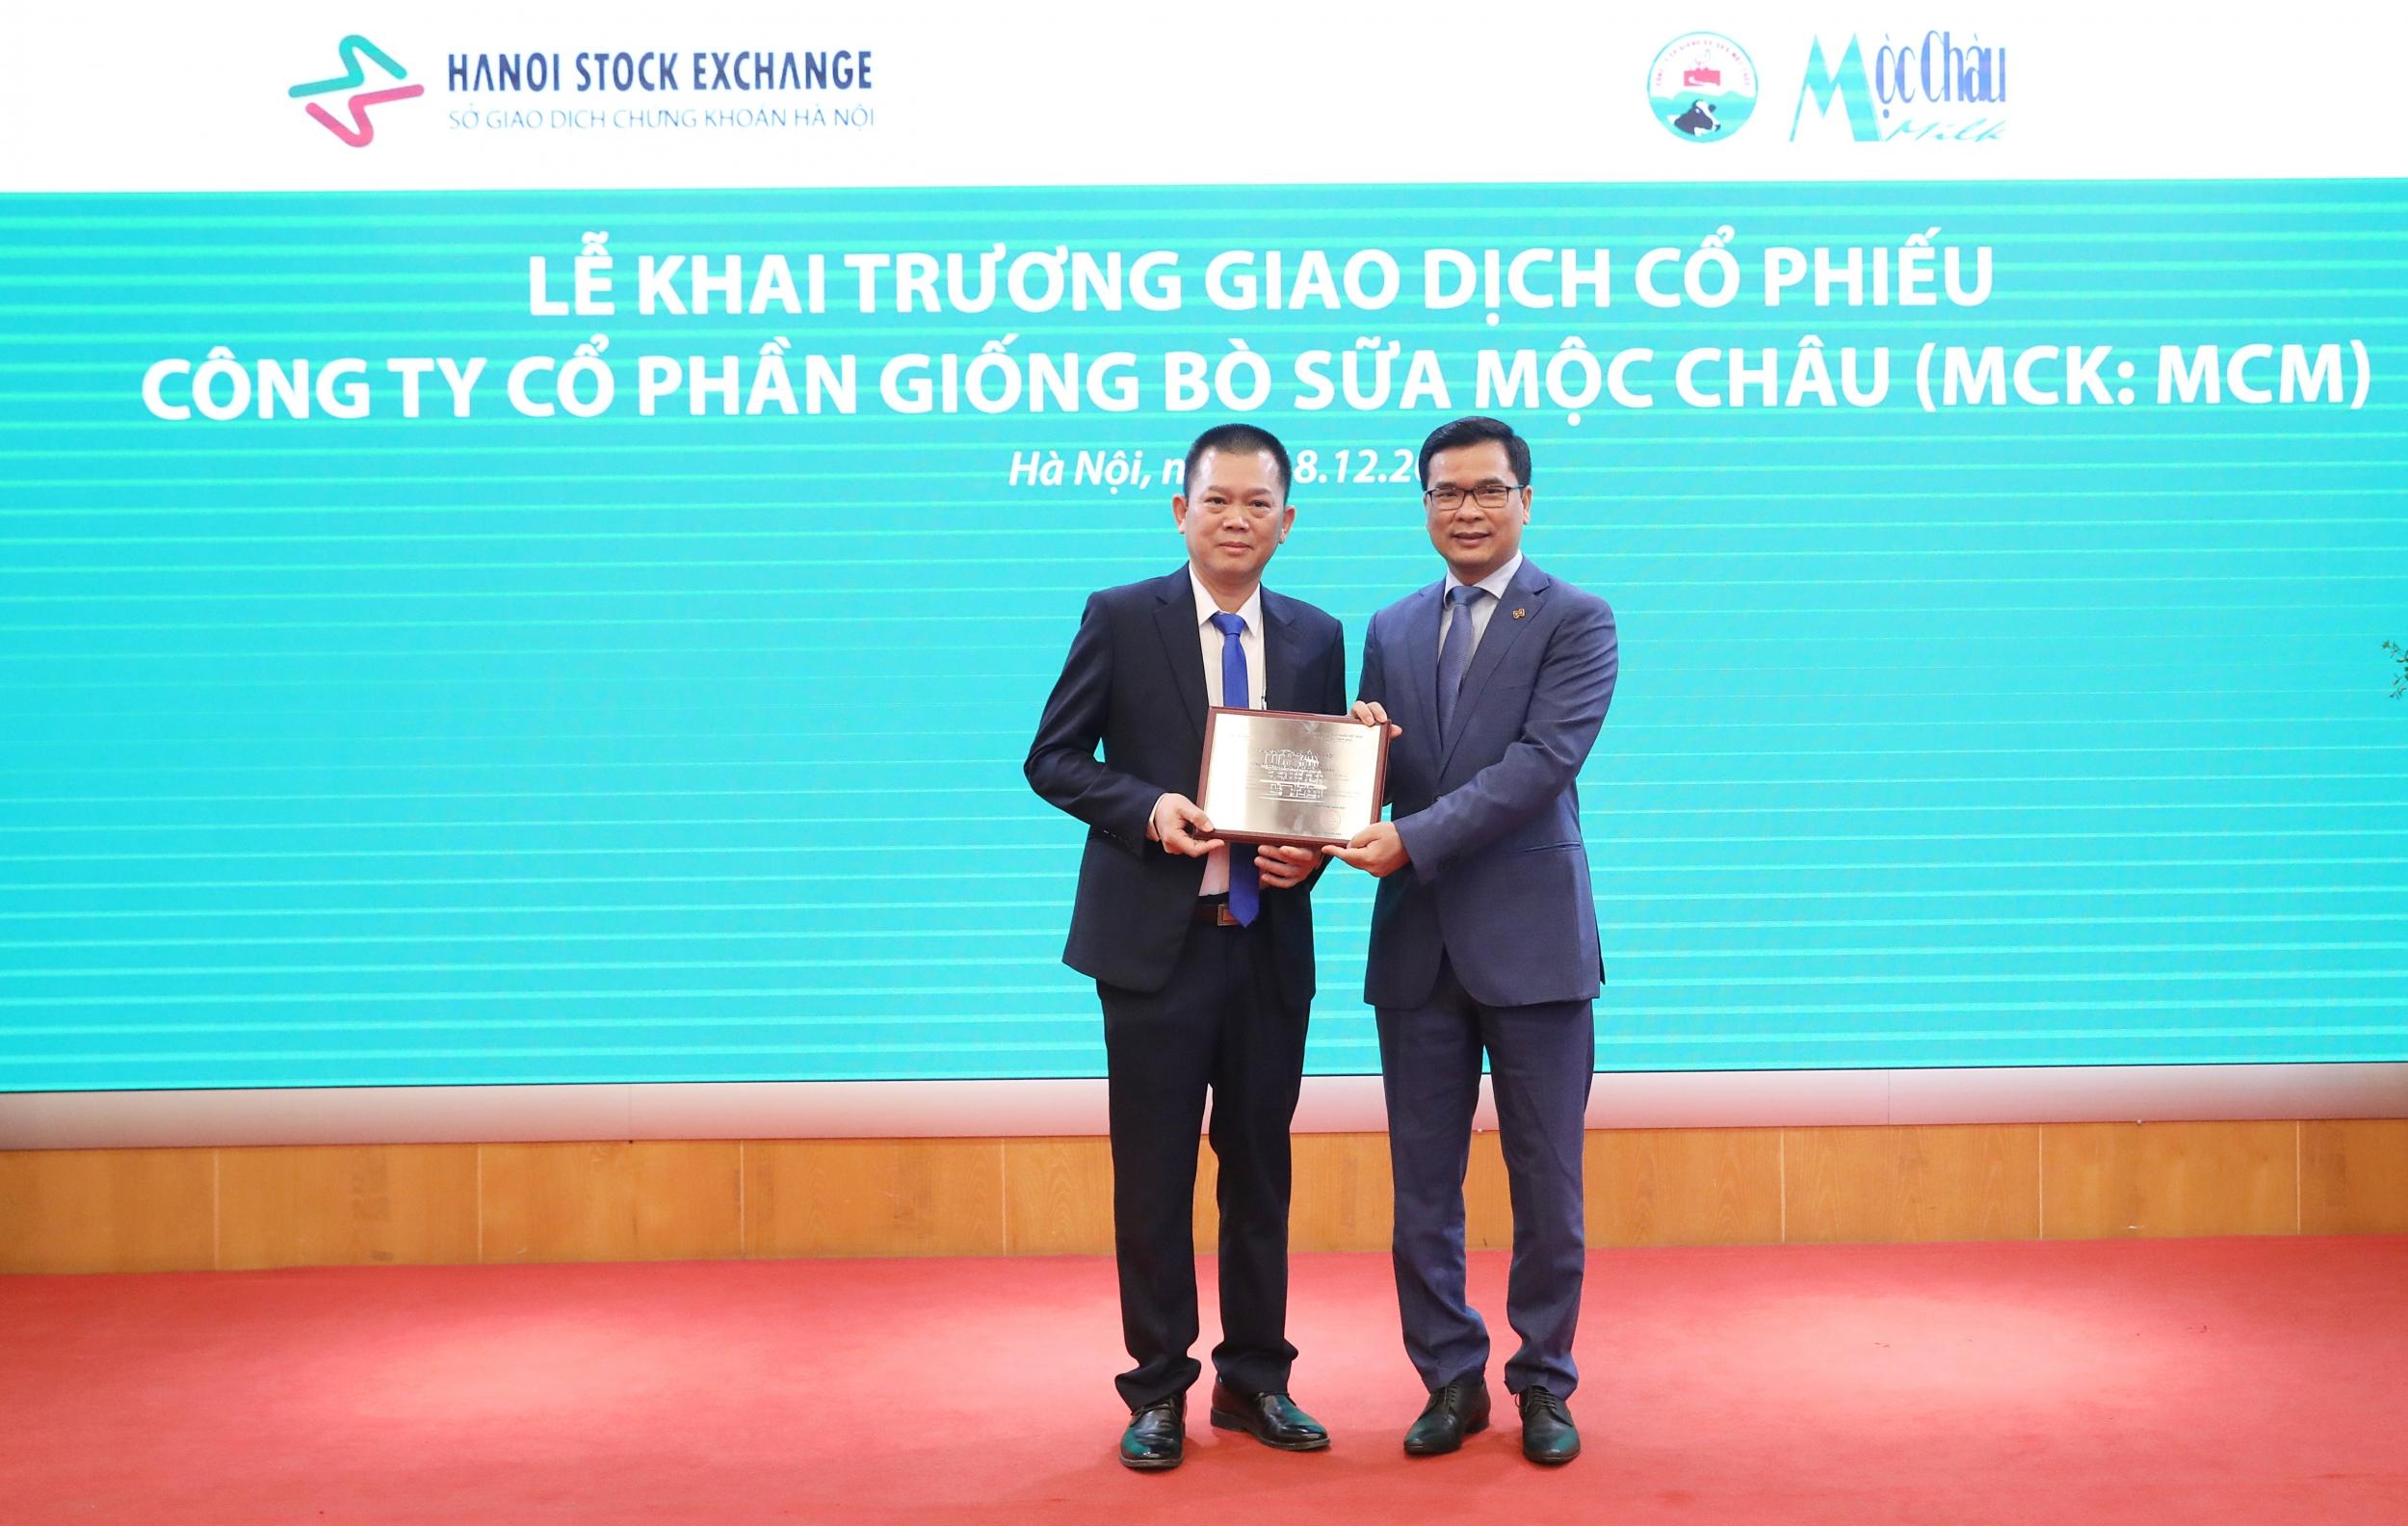 Lãnh đạo Sở Giao dịch chứng khoán Hà Nội (phải) trao chứng nhận đăng ký giao dịch cho Tổng giám đốc công ty Mộc Châu Milk (trái)